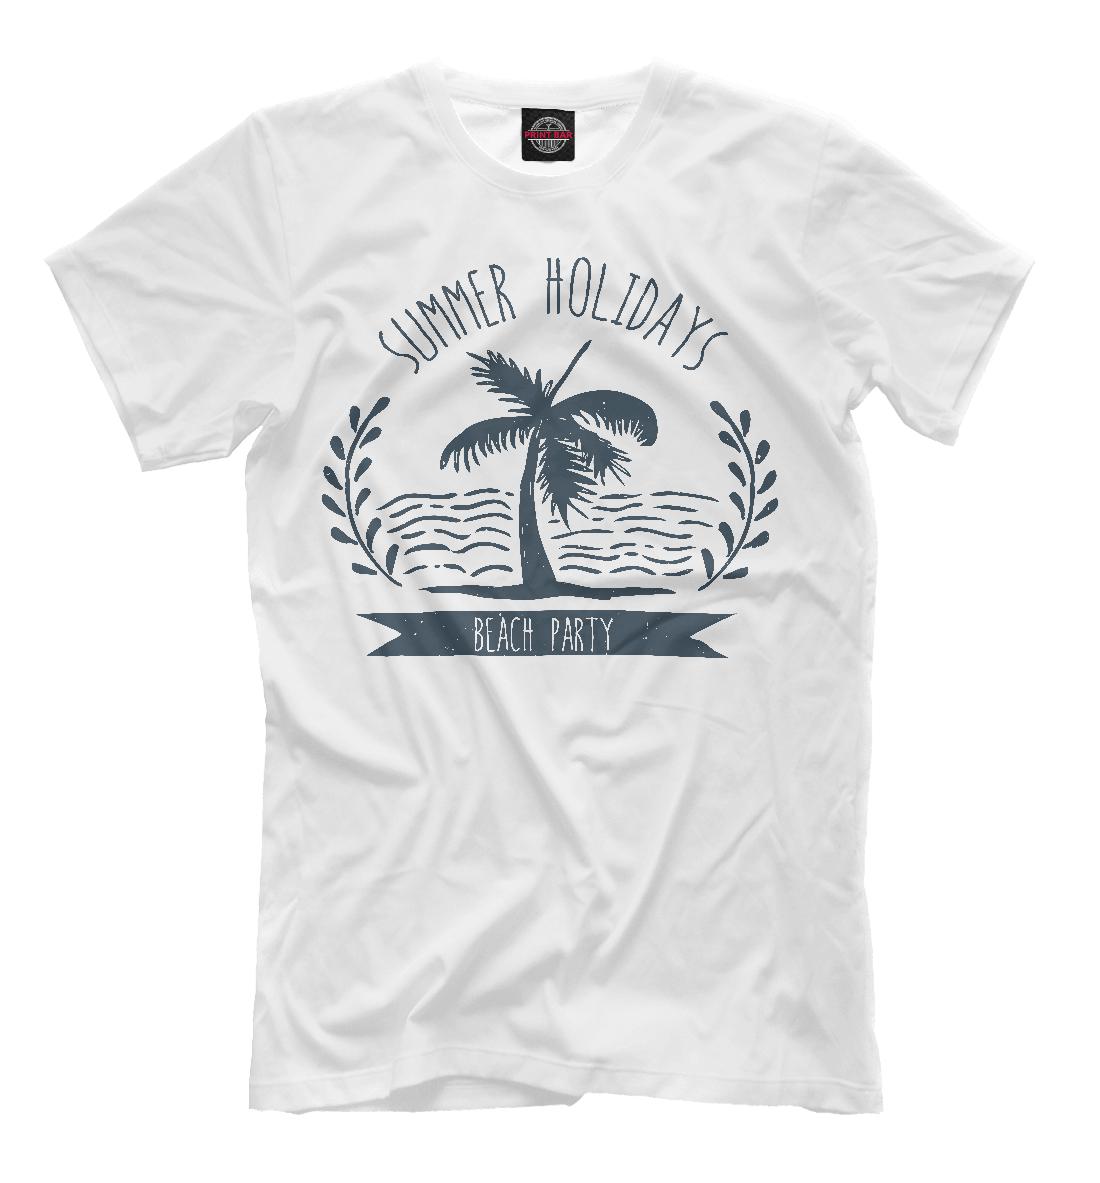 сов картинки на футболки для отпуска мудрым словом вселяете